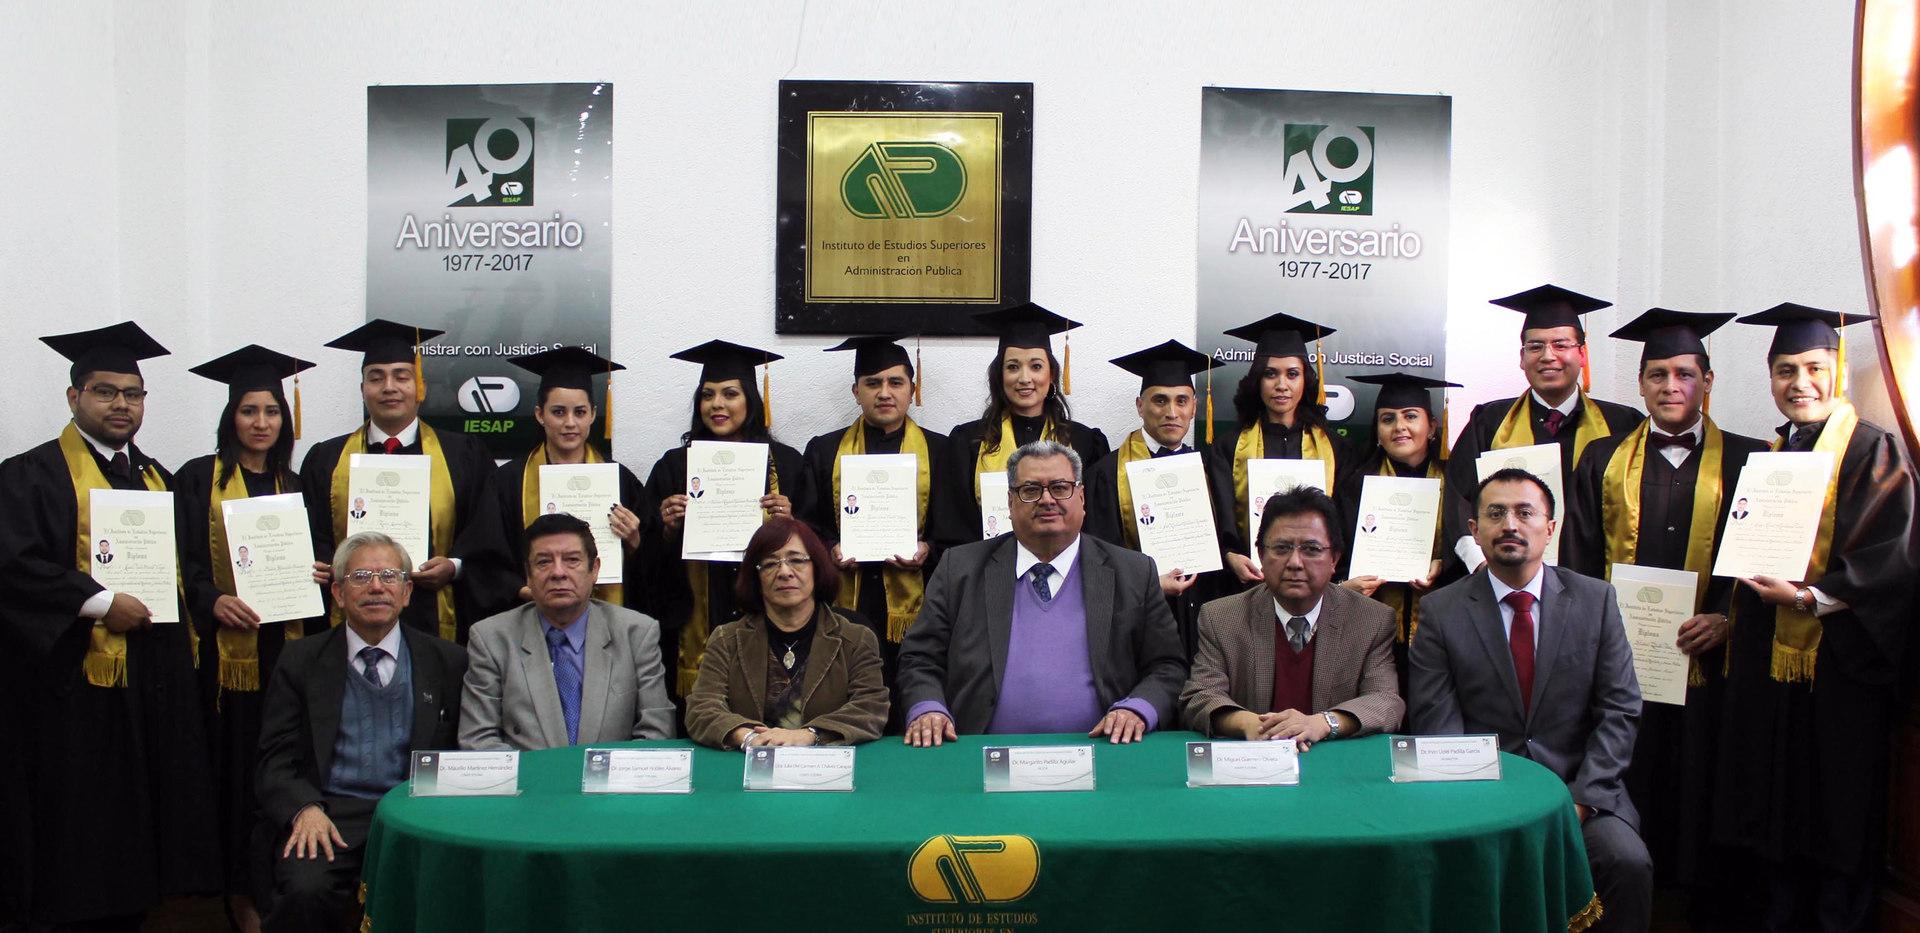 25_11_2017 Entrega de Diplomas.JPG